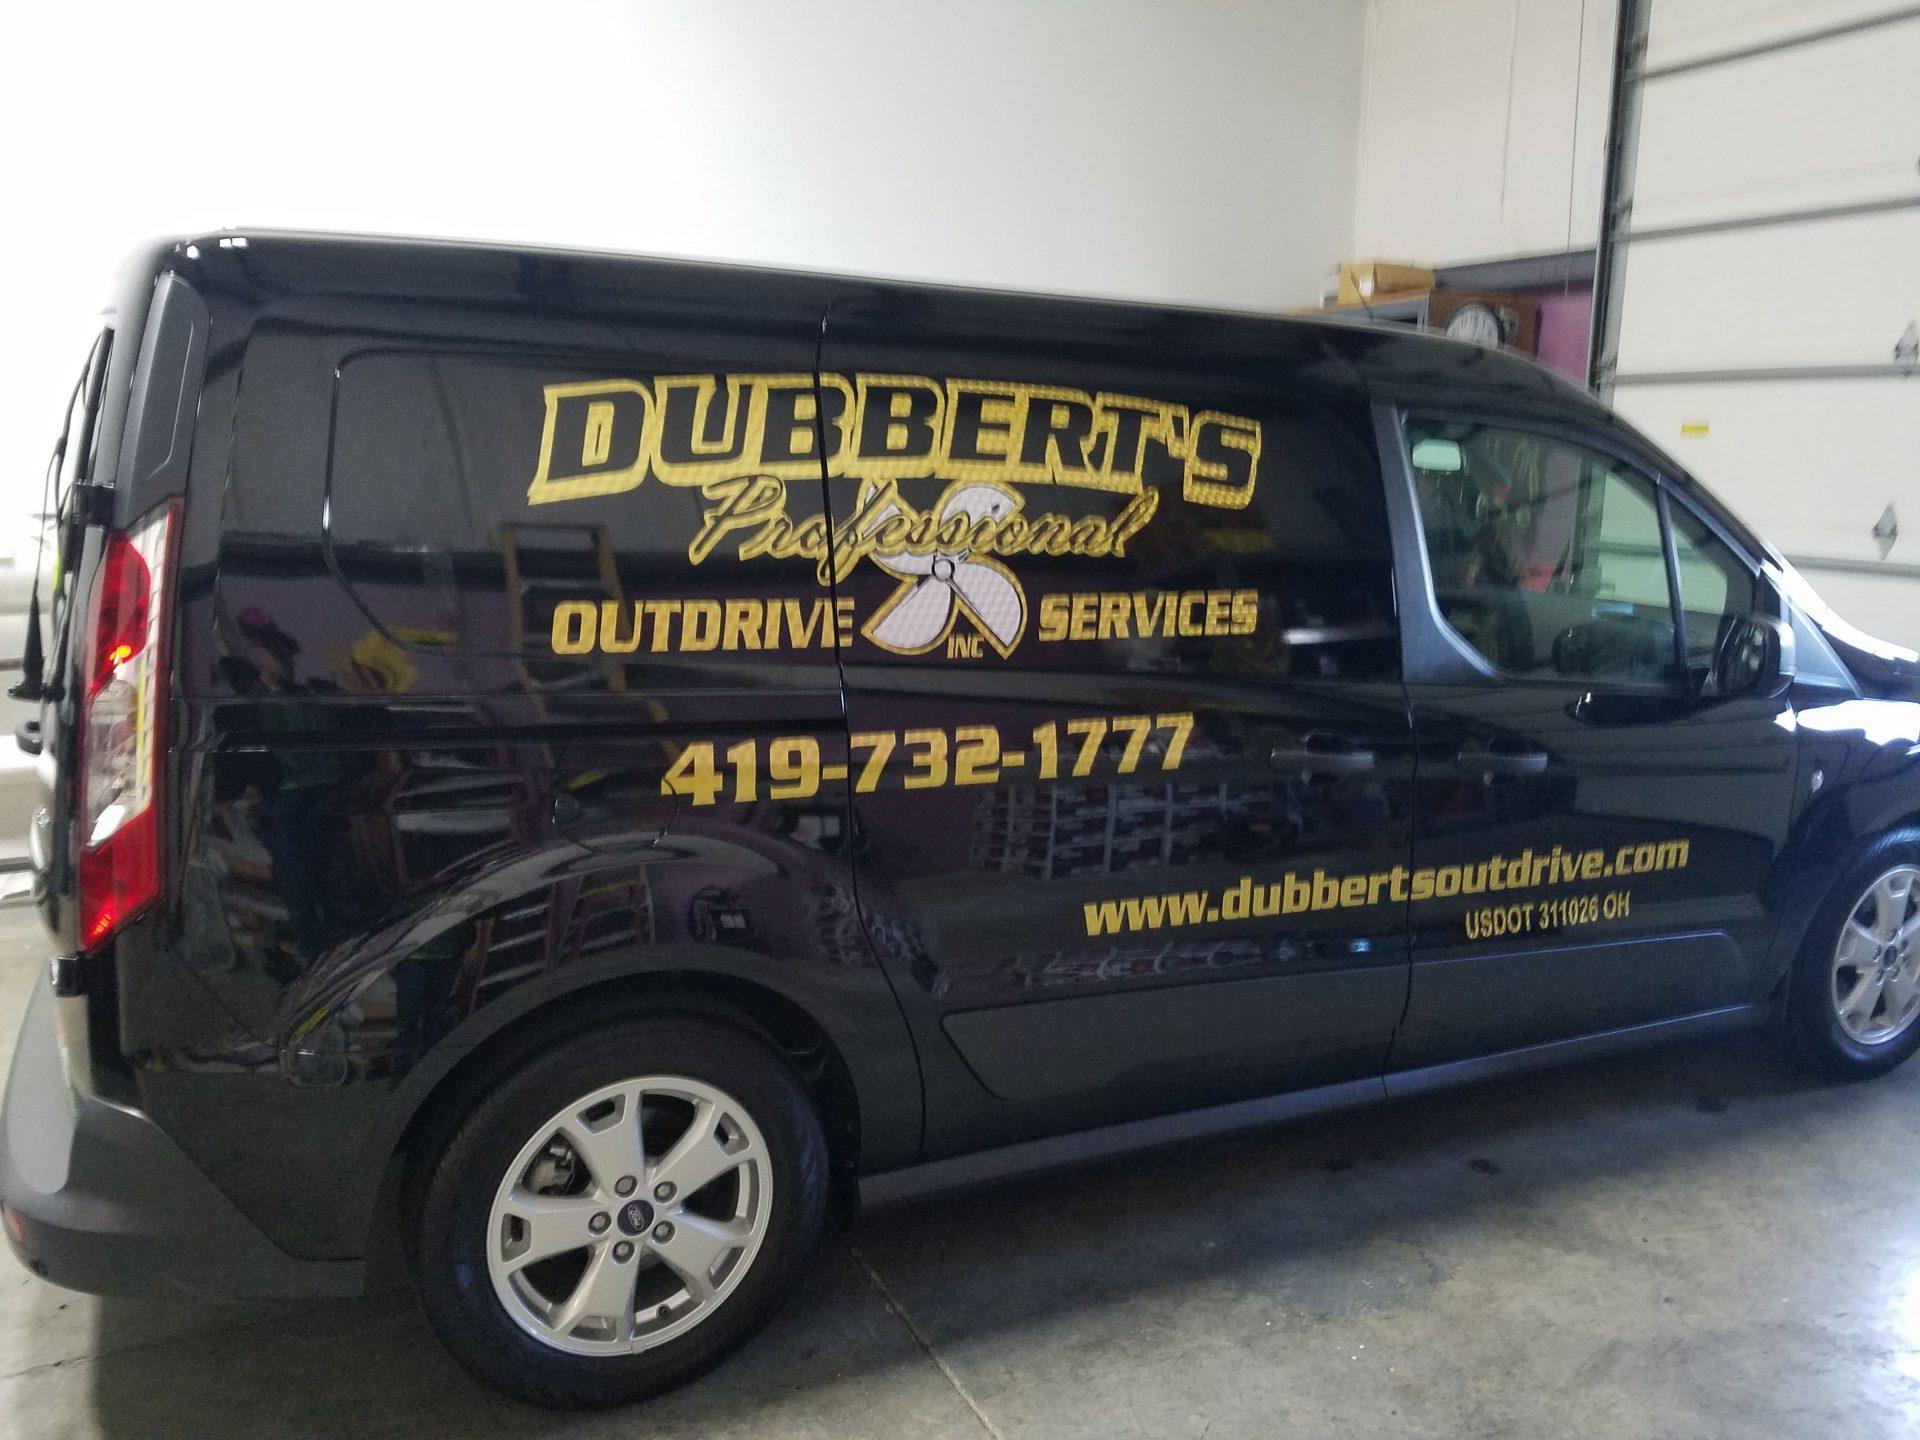 Dubbert's Graphics